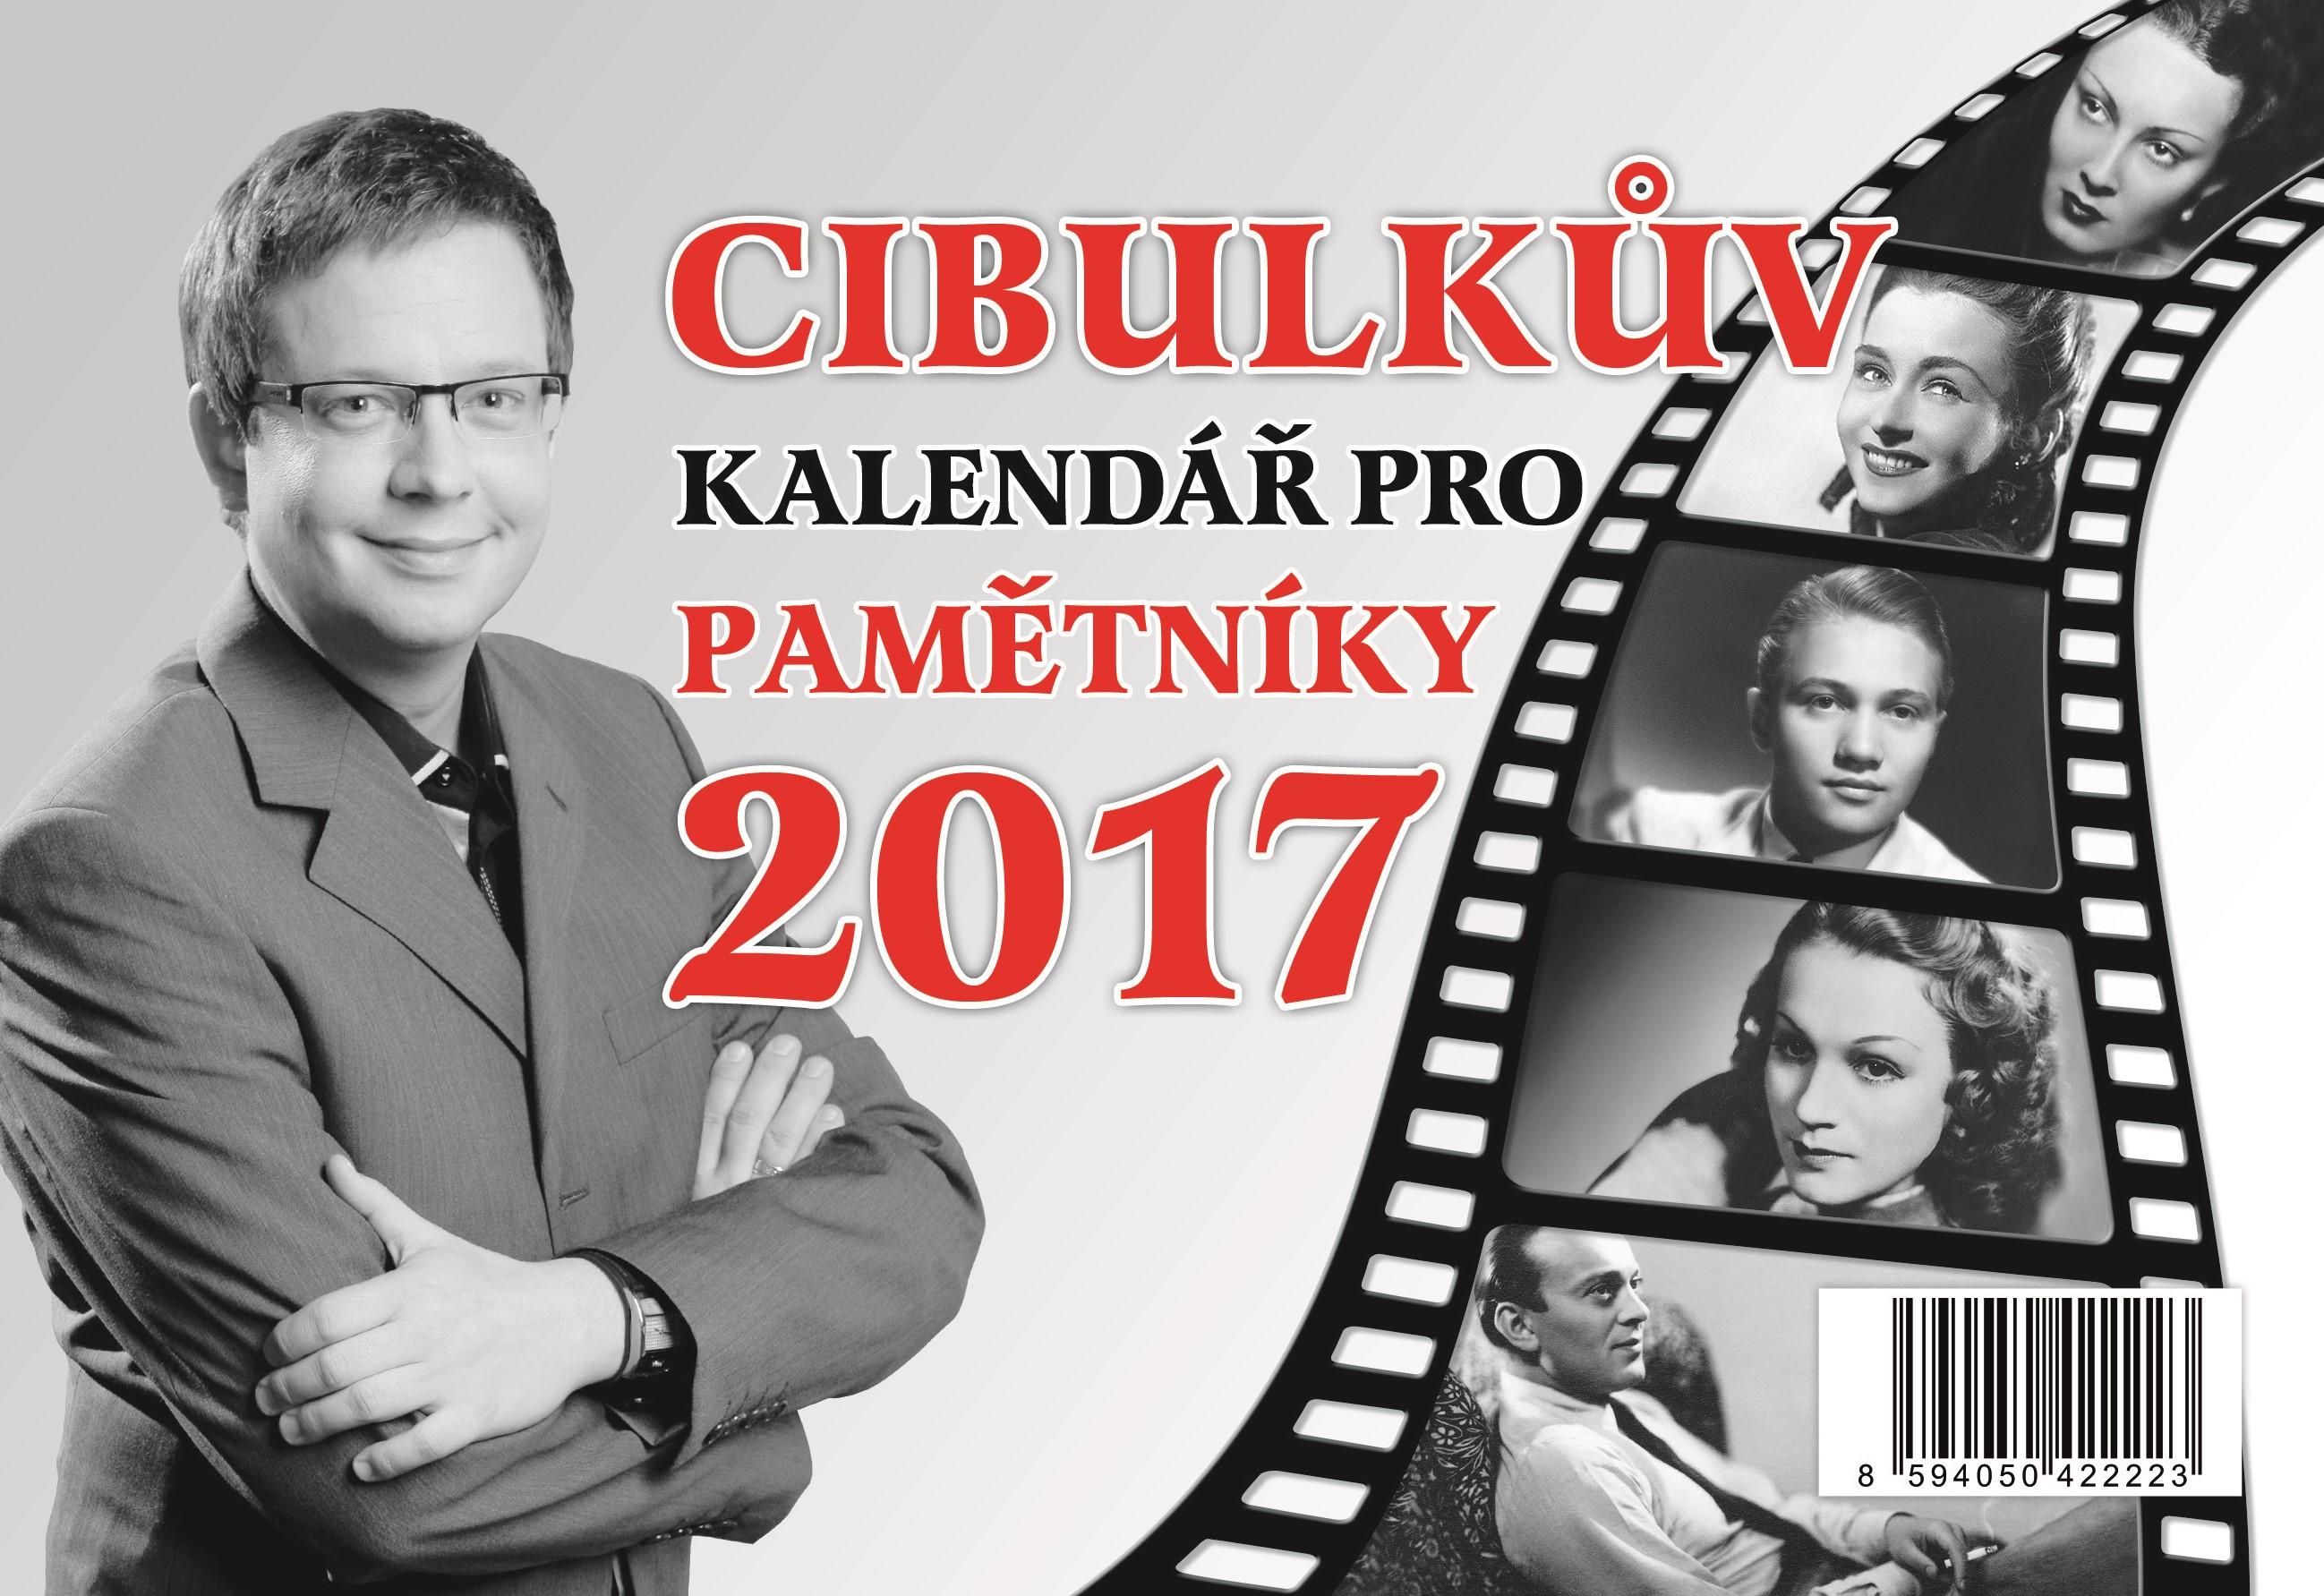 Cibulkův kalendář pro pamětníky 2017